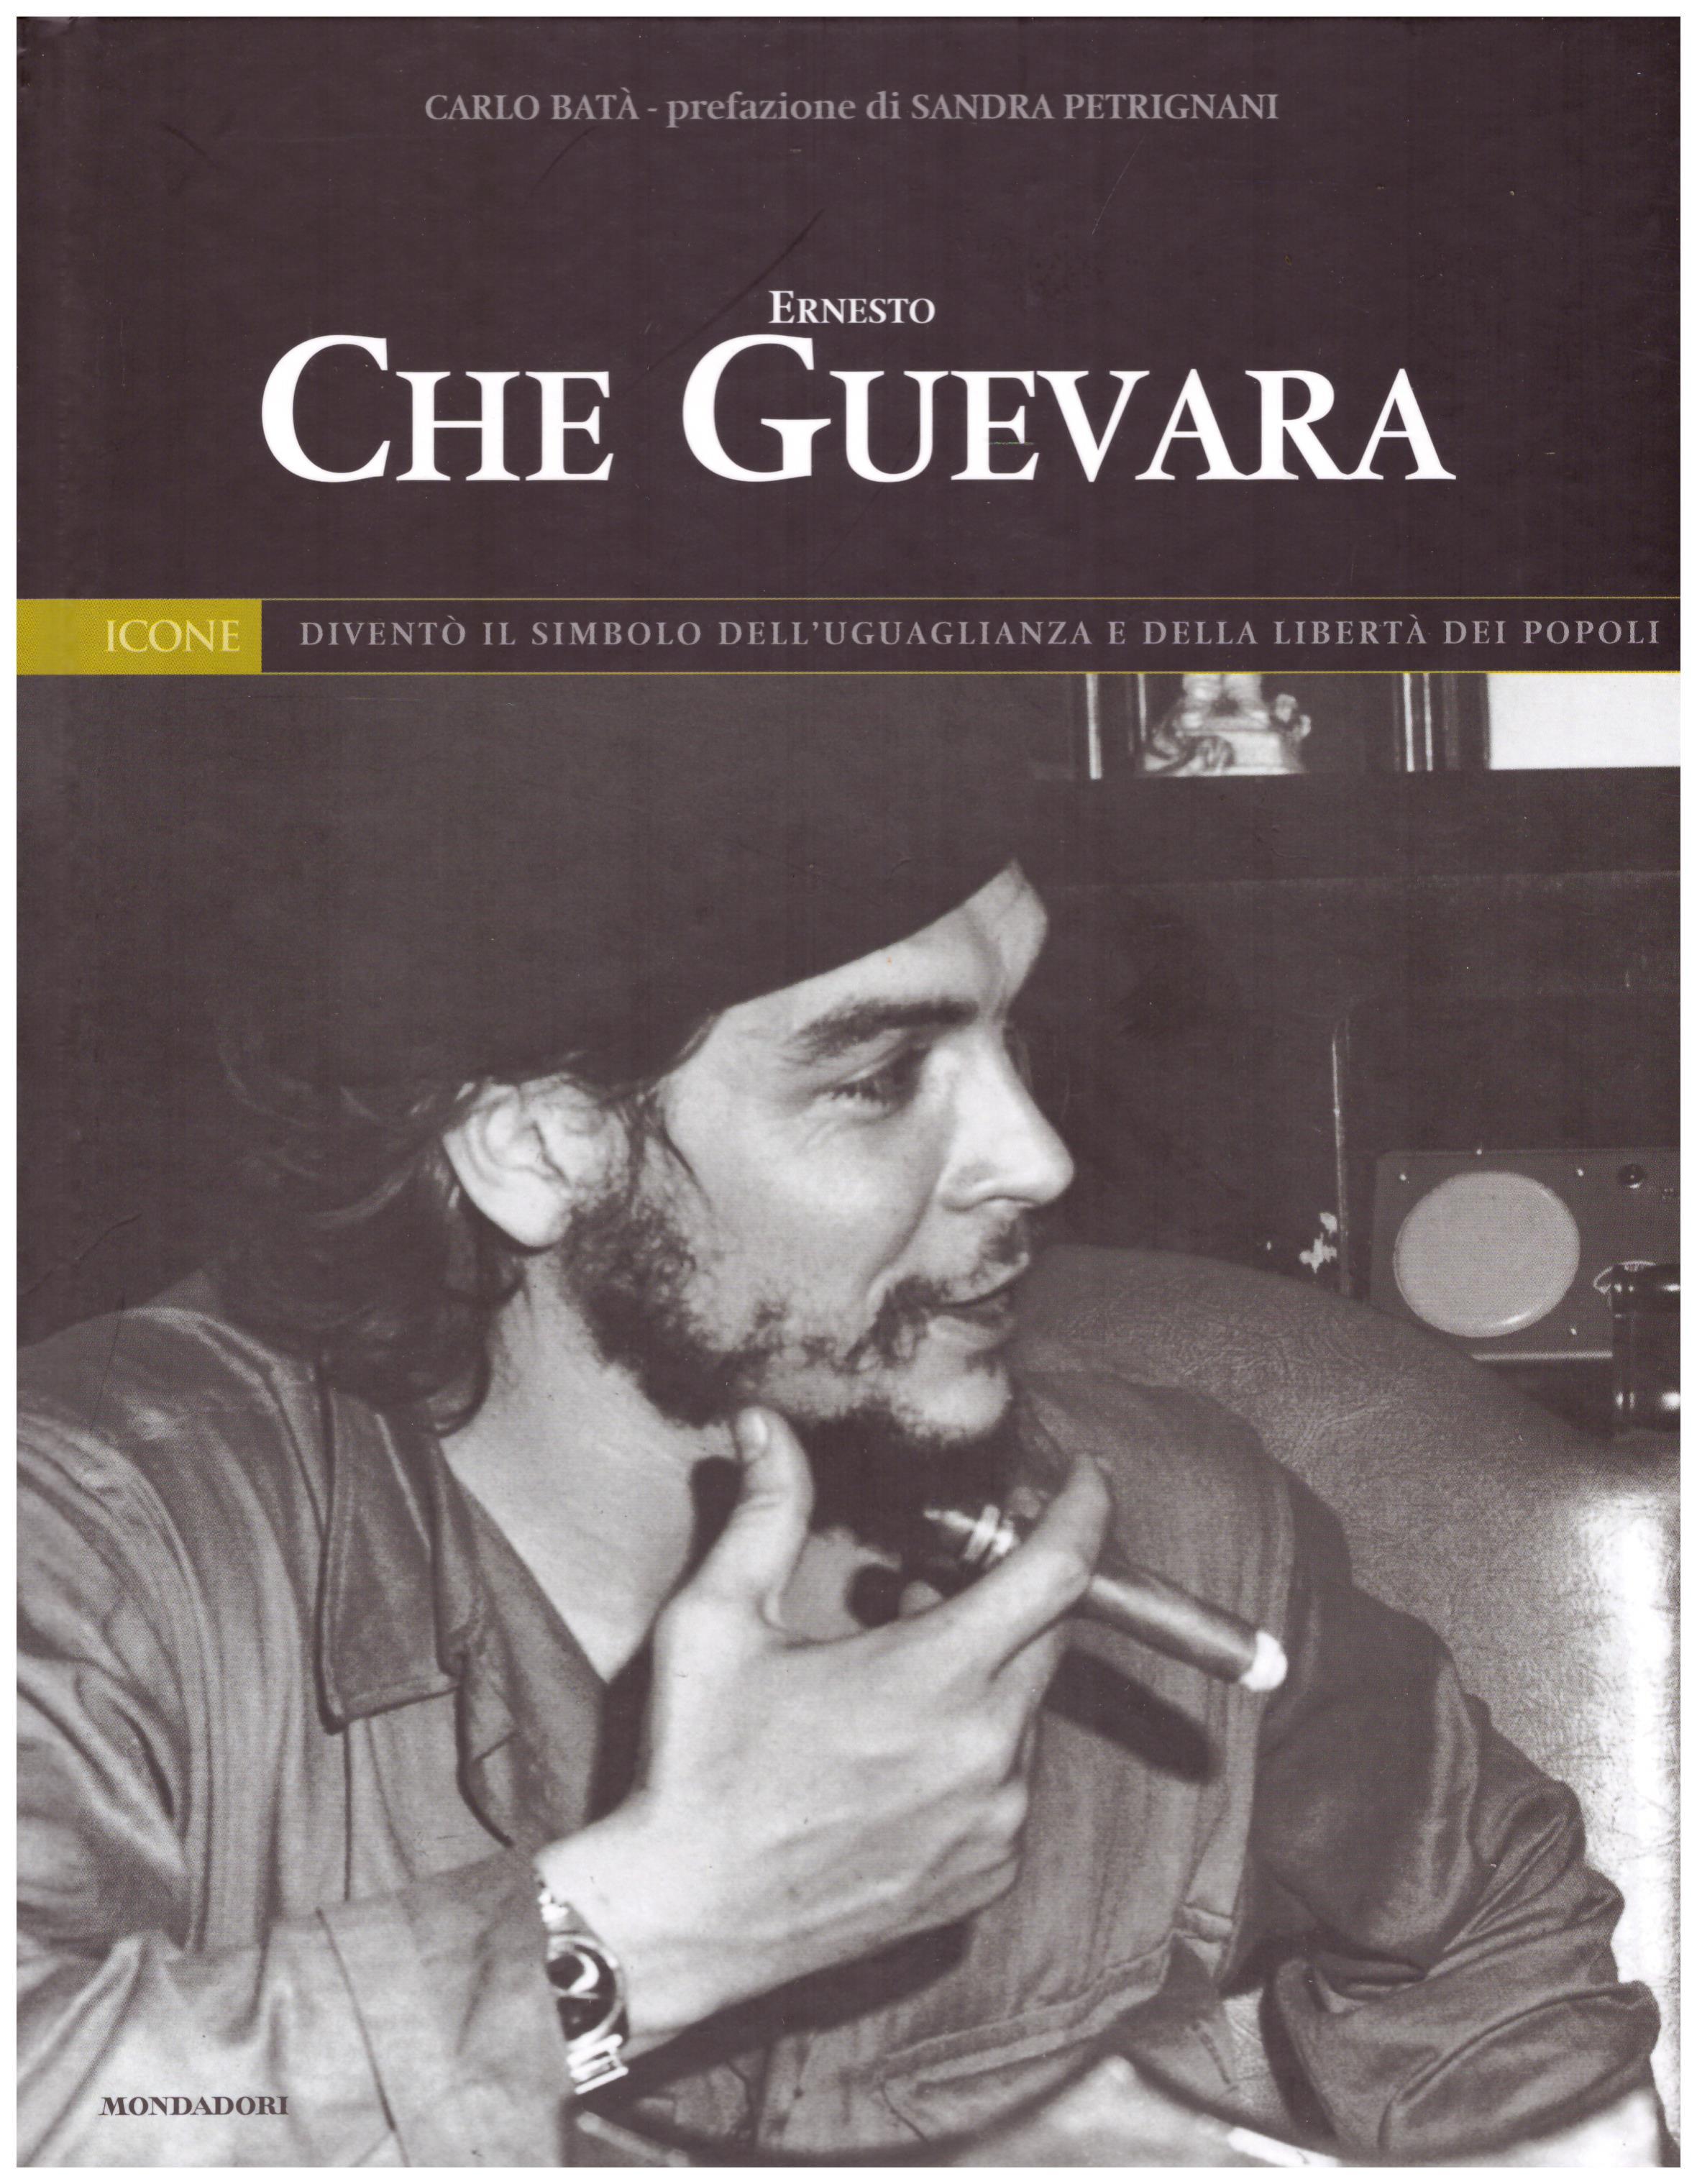 Titolo: Ernesto Che Guevara N.12      Autore: AA.VV.      Editore: Mondadori,I libri di Panorama 2004